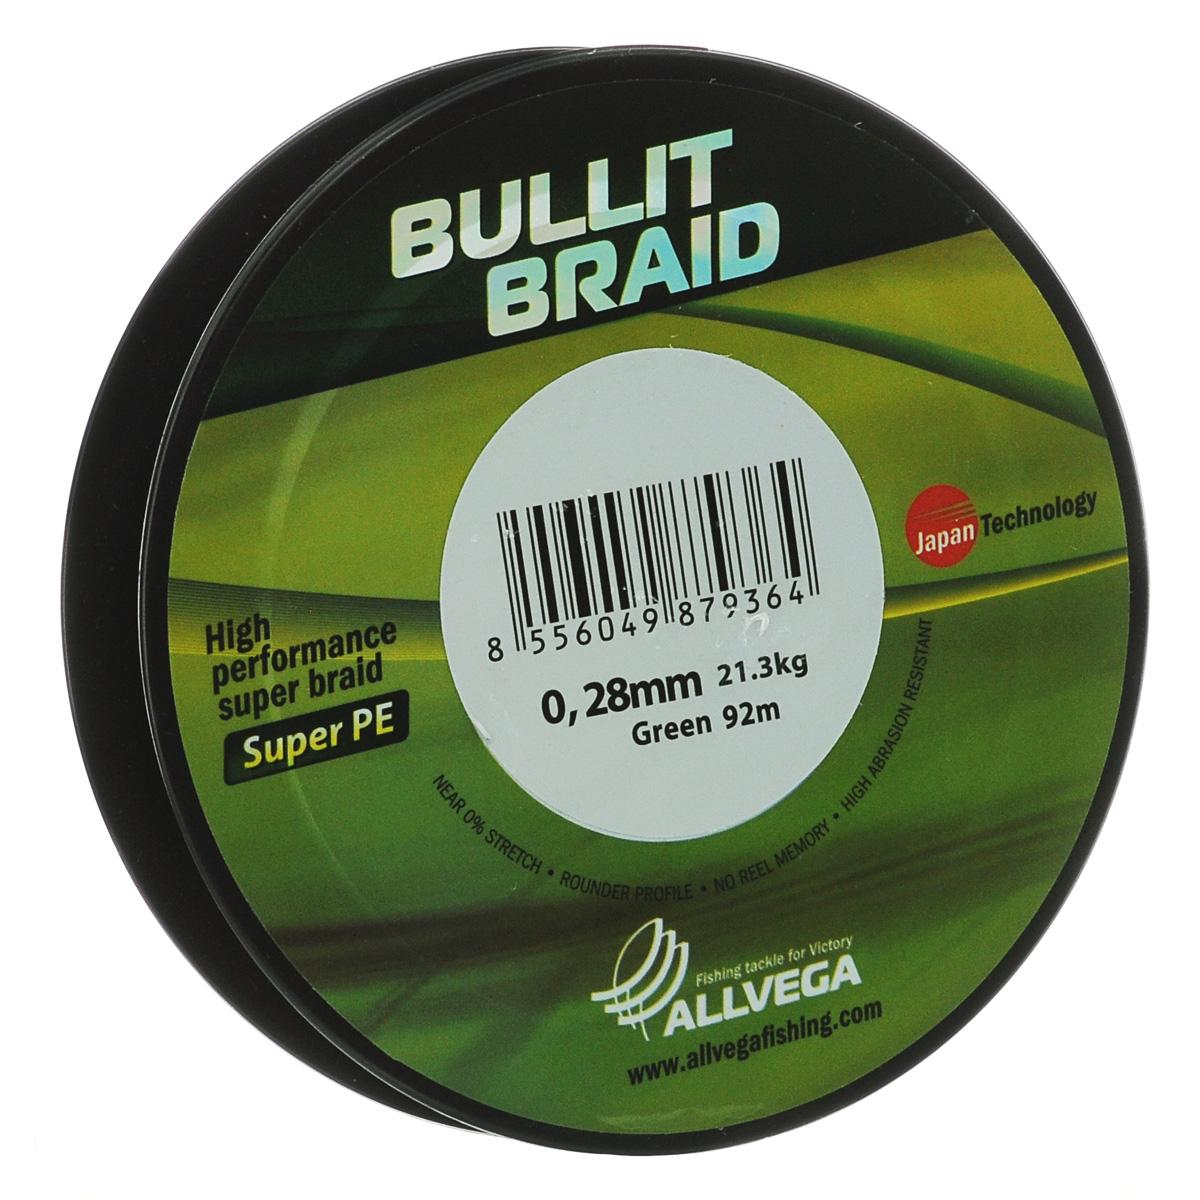 Леска плетеная Allvega Bullit Braid, цвет: темно-зеленый, 92 м, 0,28 мм, 21,3 кг21427Леска Allvega Bullit Braid с гладкой поверхностью и одинаковым сечением по всей длине обладает высокой износостойкостью. Благодаря микроволокнам полиэтилена (Super PE) леска имеет очень плотное плетение и не впитывает воду. Леску Allvega Bullit Braid можно применять в любых типах водоемов. Особенности: - повышенная износостойкость; - высокая чувствительность - коэффициент растяжения близок к нулю; - отсутствует память; - идеально гладкая поверхность позволяет увеличить дальность забросов; - высокая прочность шнура на узлах.